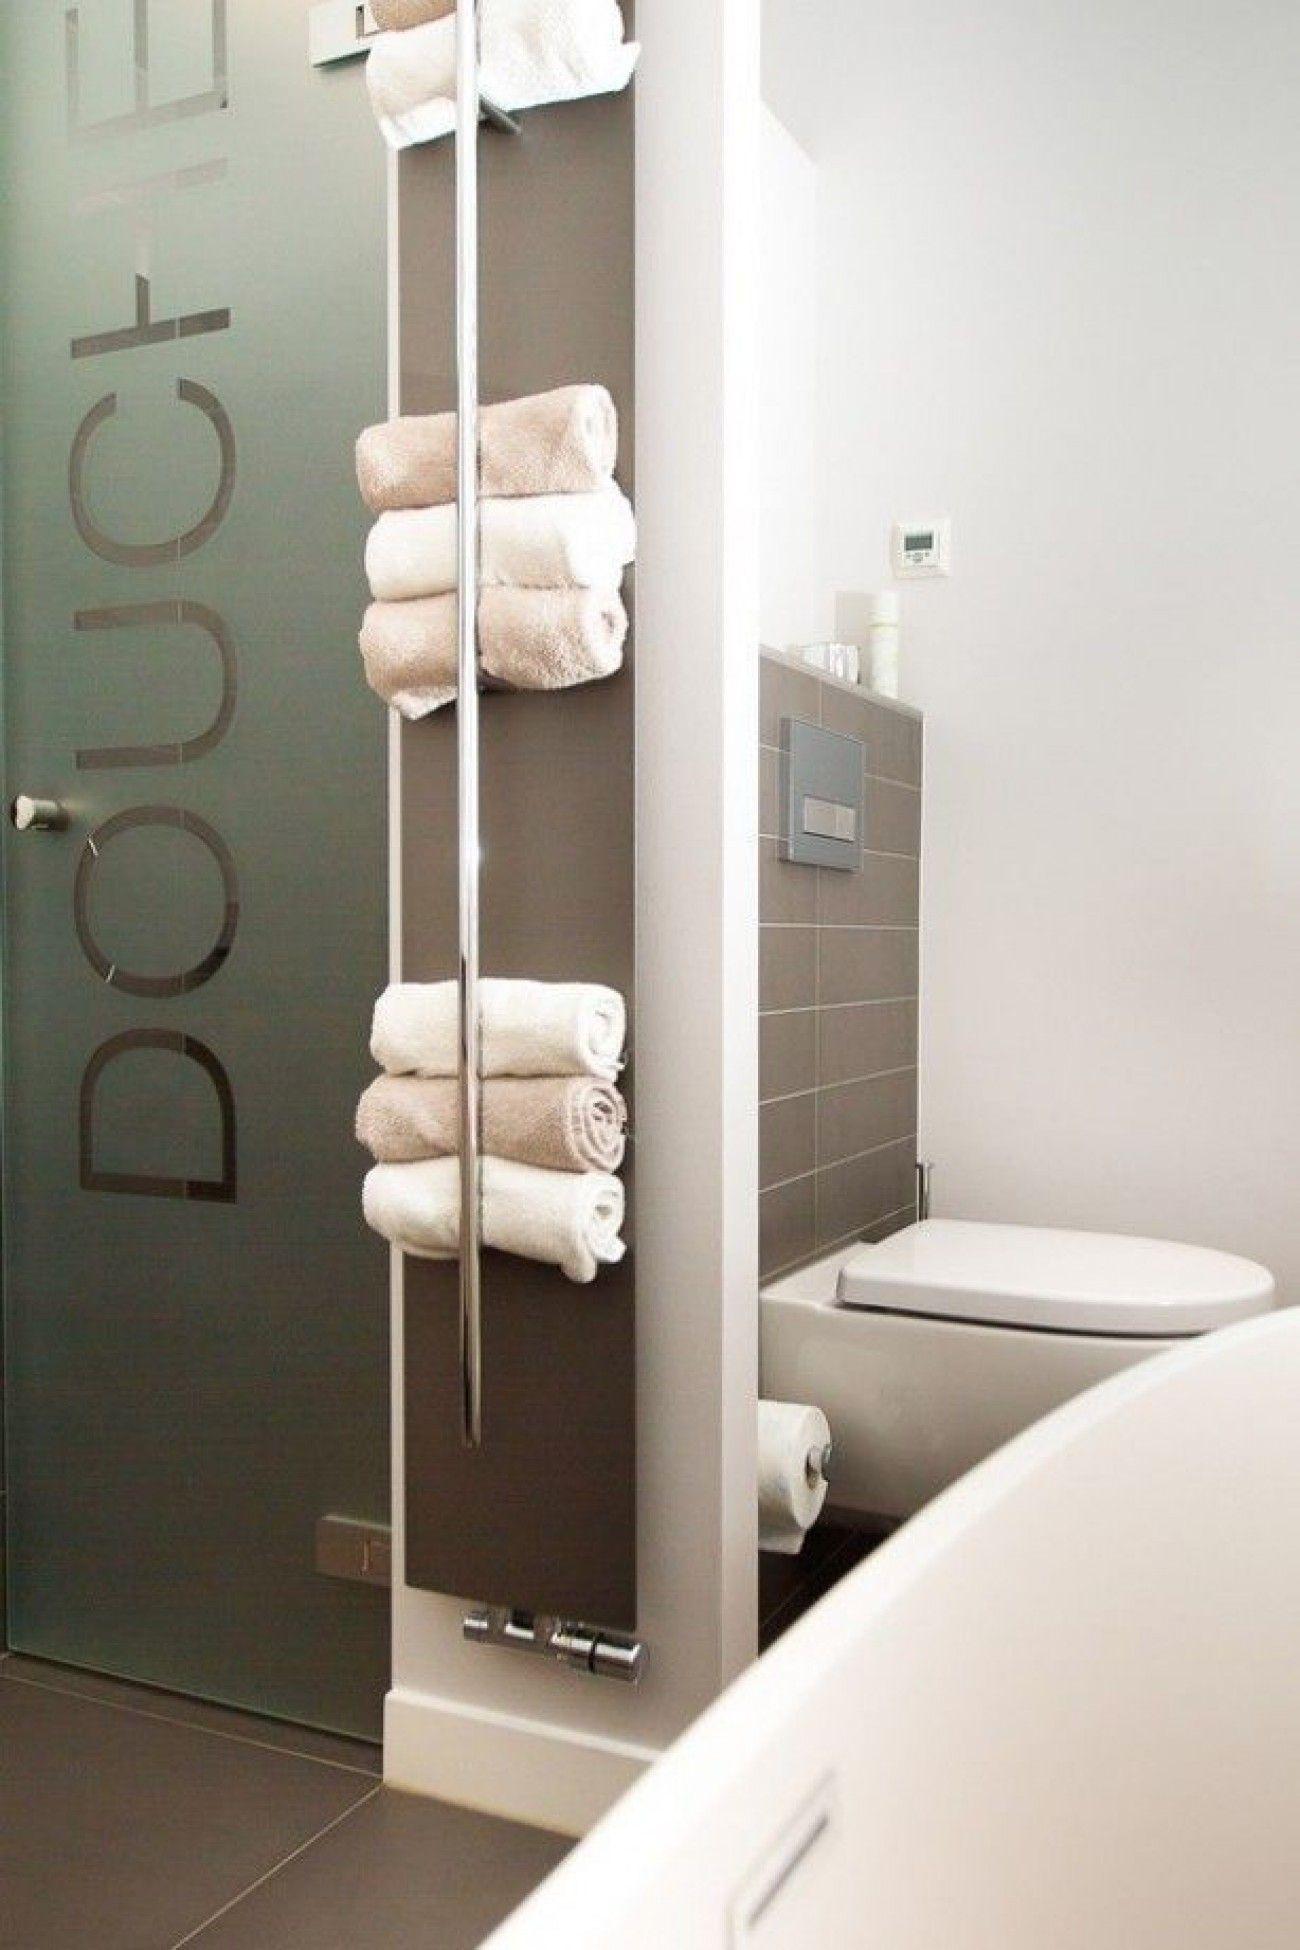 handdoeken opbergen | Badkamer & toilet | Pinterest